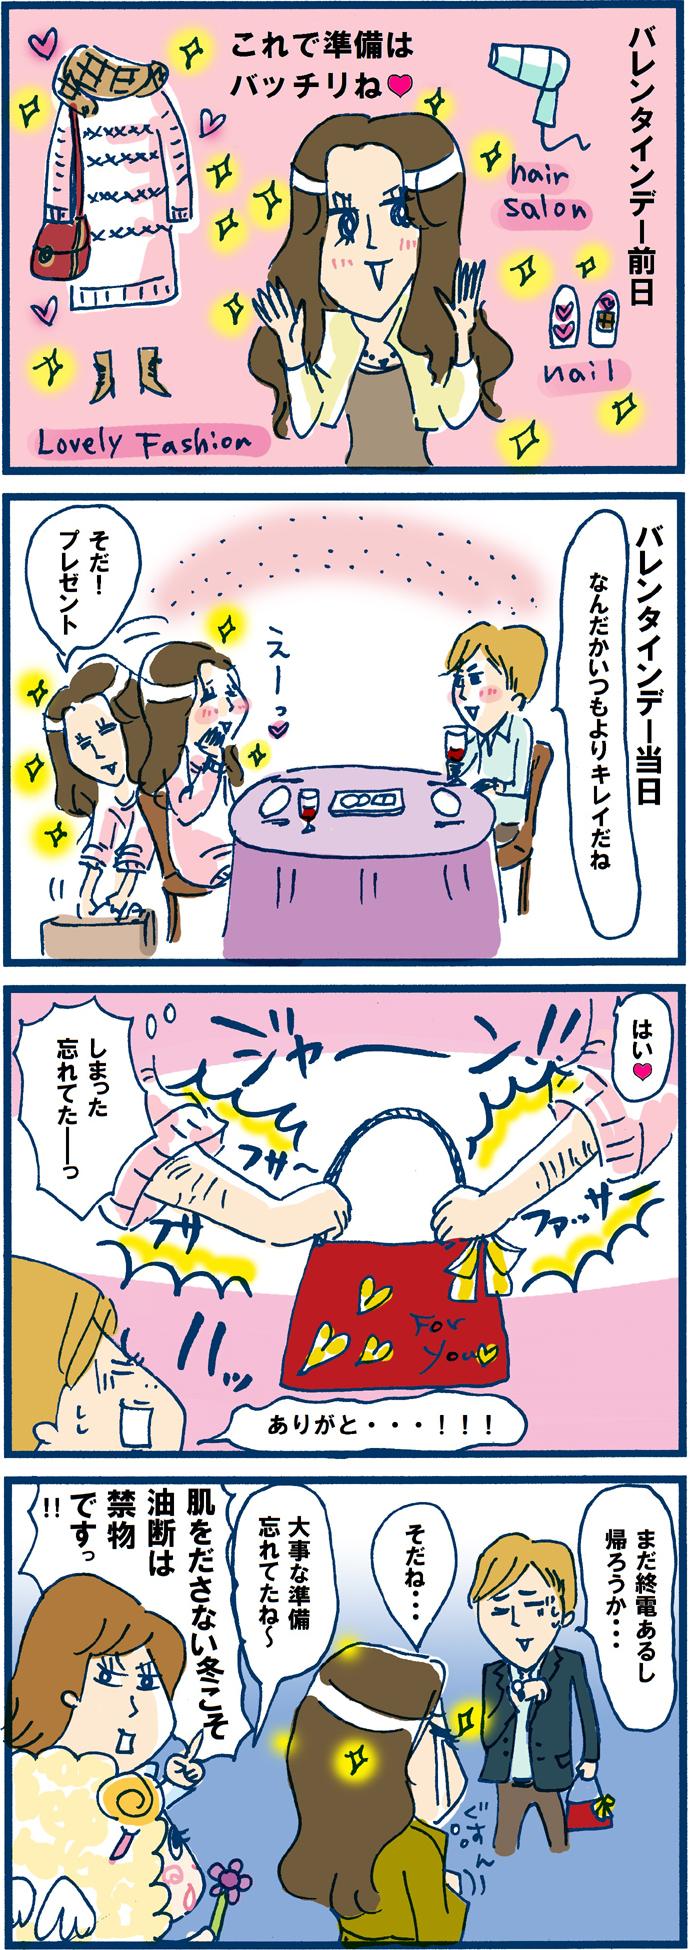 【Vol.7】バレンタインデーの大失態!2/14はトラウマ記念日